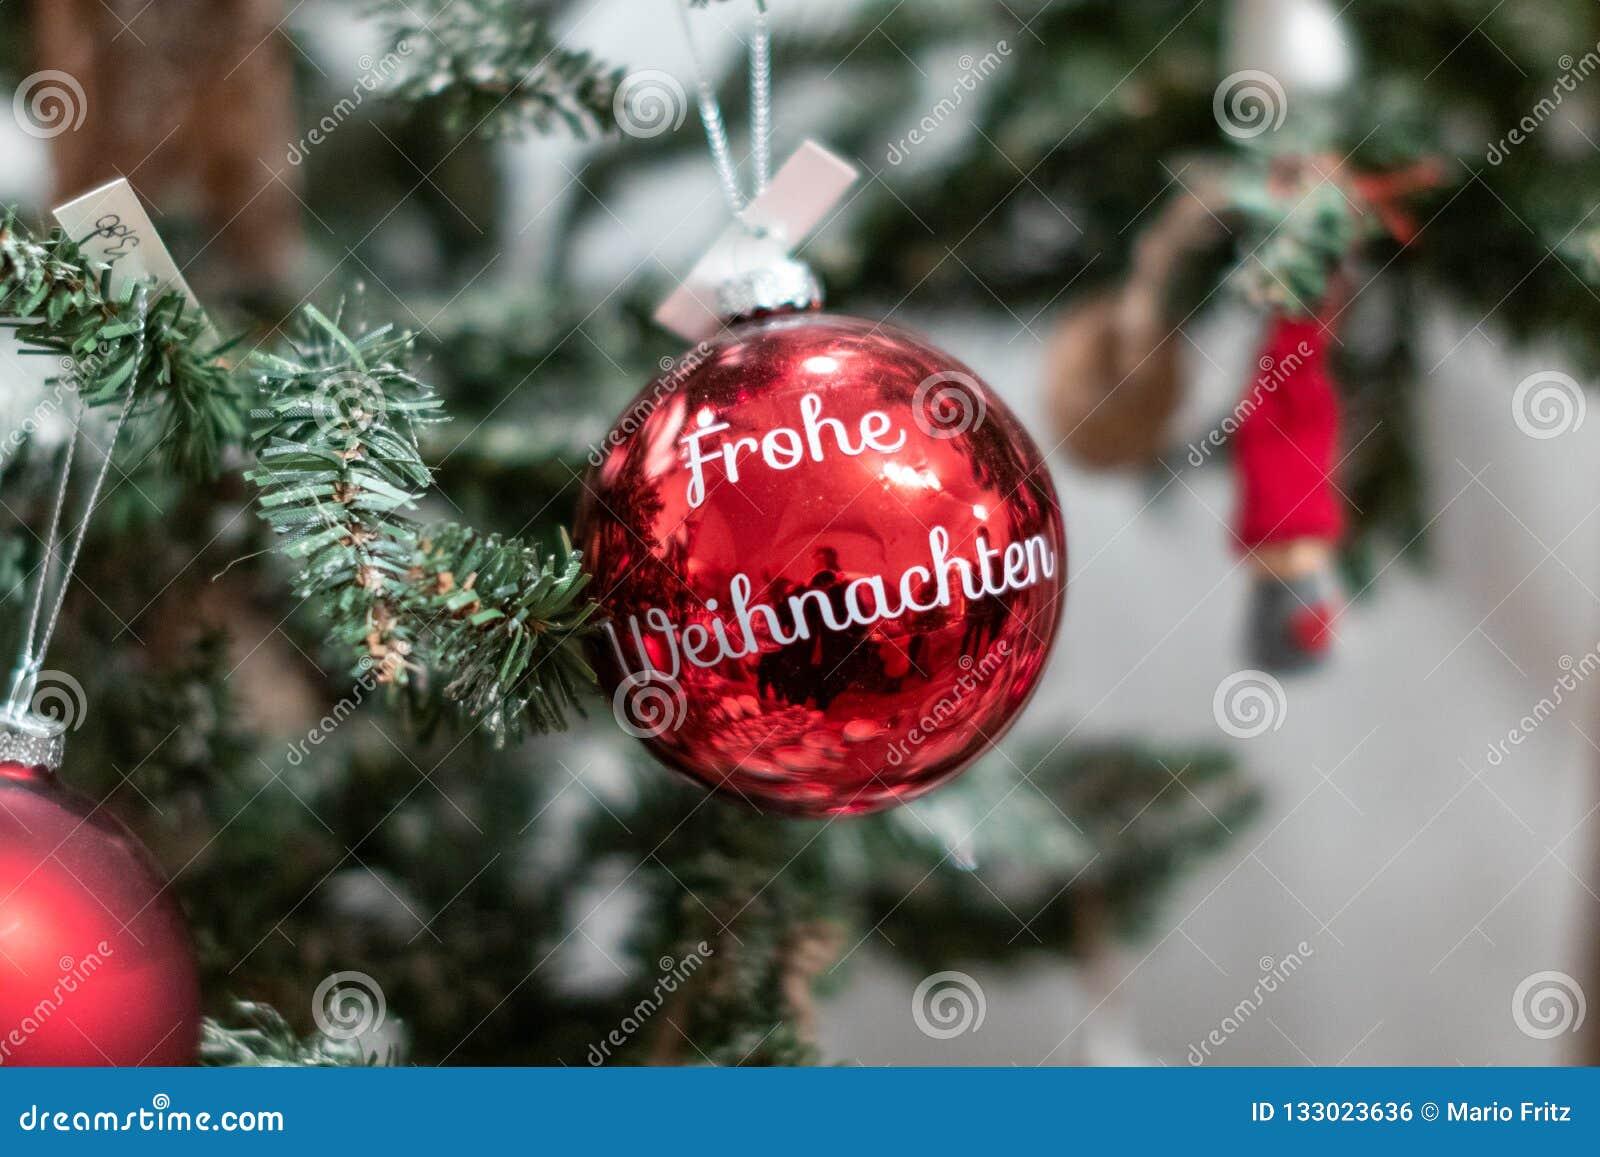 """Σφαίρες κόκκινες Χριστουγέννων με """"Frohe Weihnachten """"σε το Weihnachtskugel mit Frohe Weihnachten"""